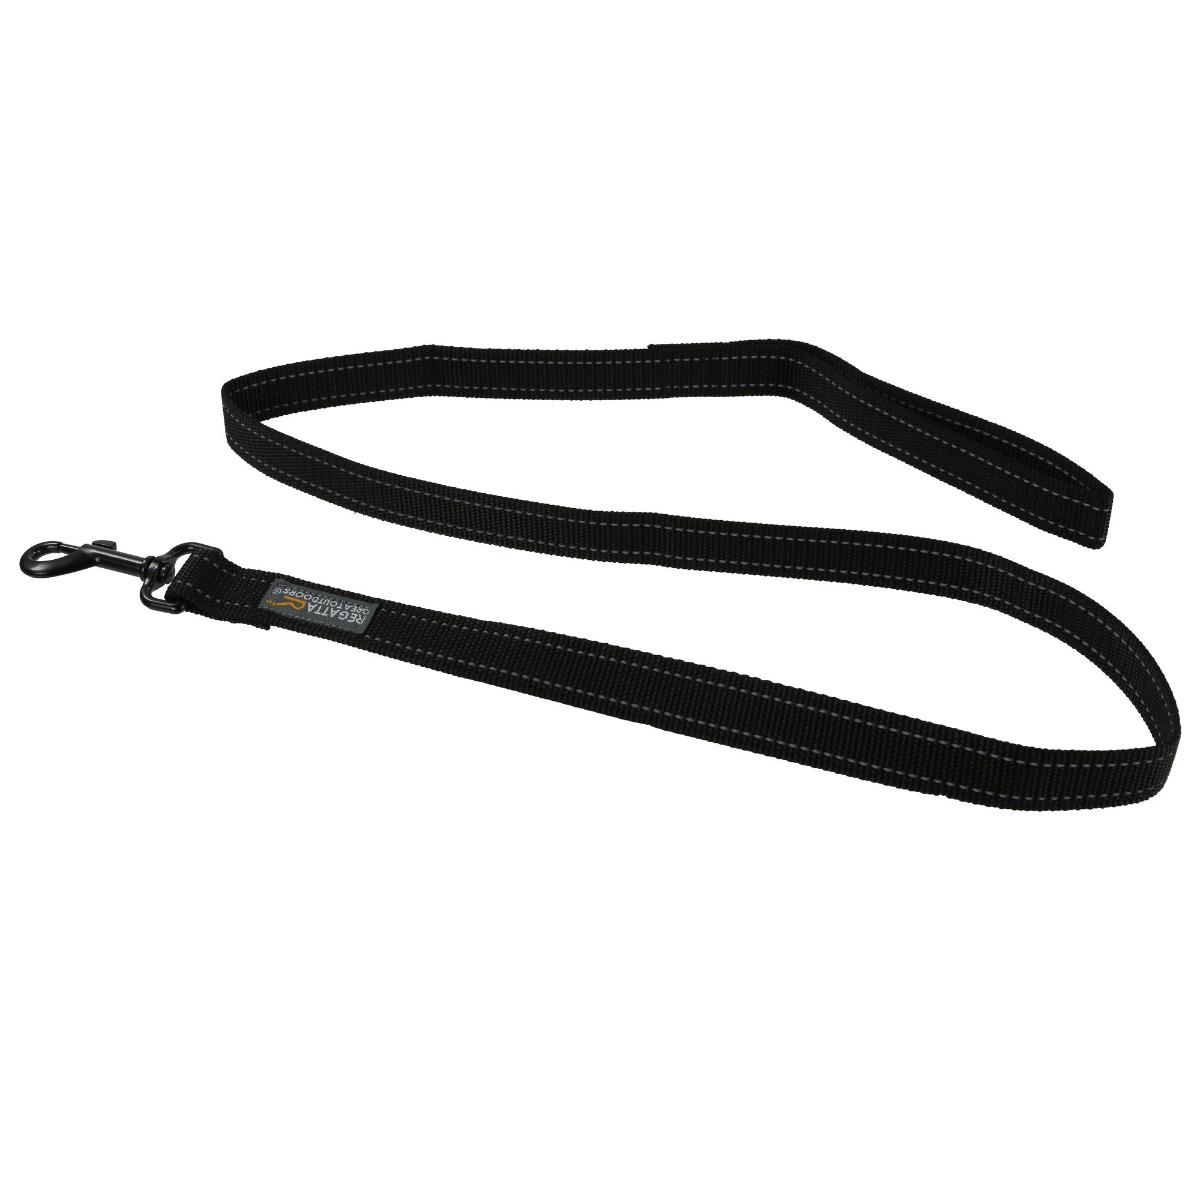 Regatta Reflective Dog Lead - Black - 120cm